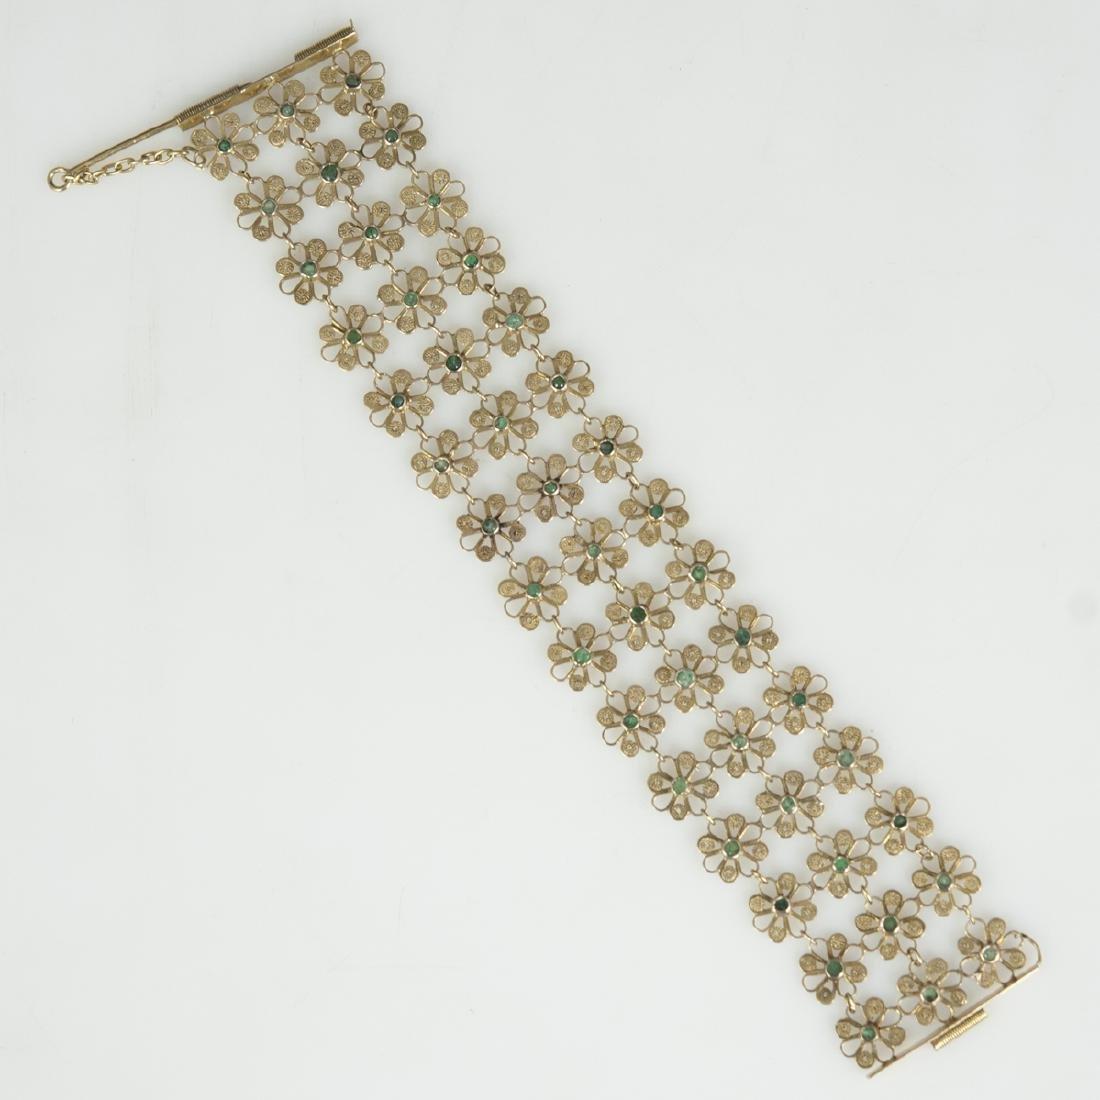 Vintage 14kt Gold & Emerald Bracelet - 3